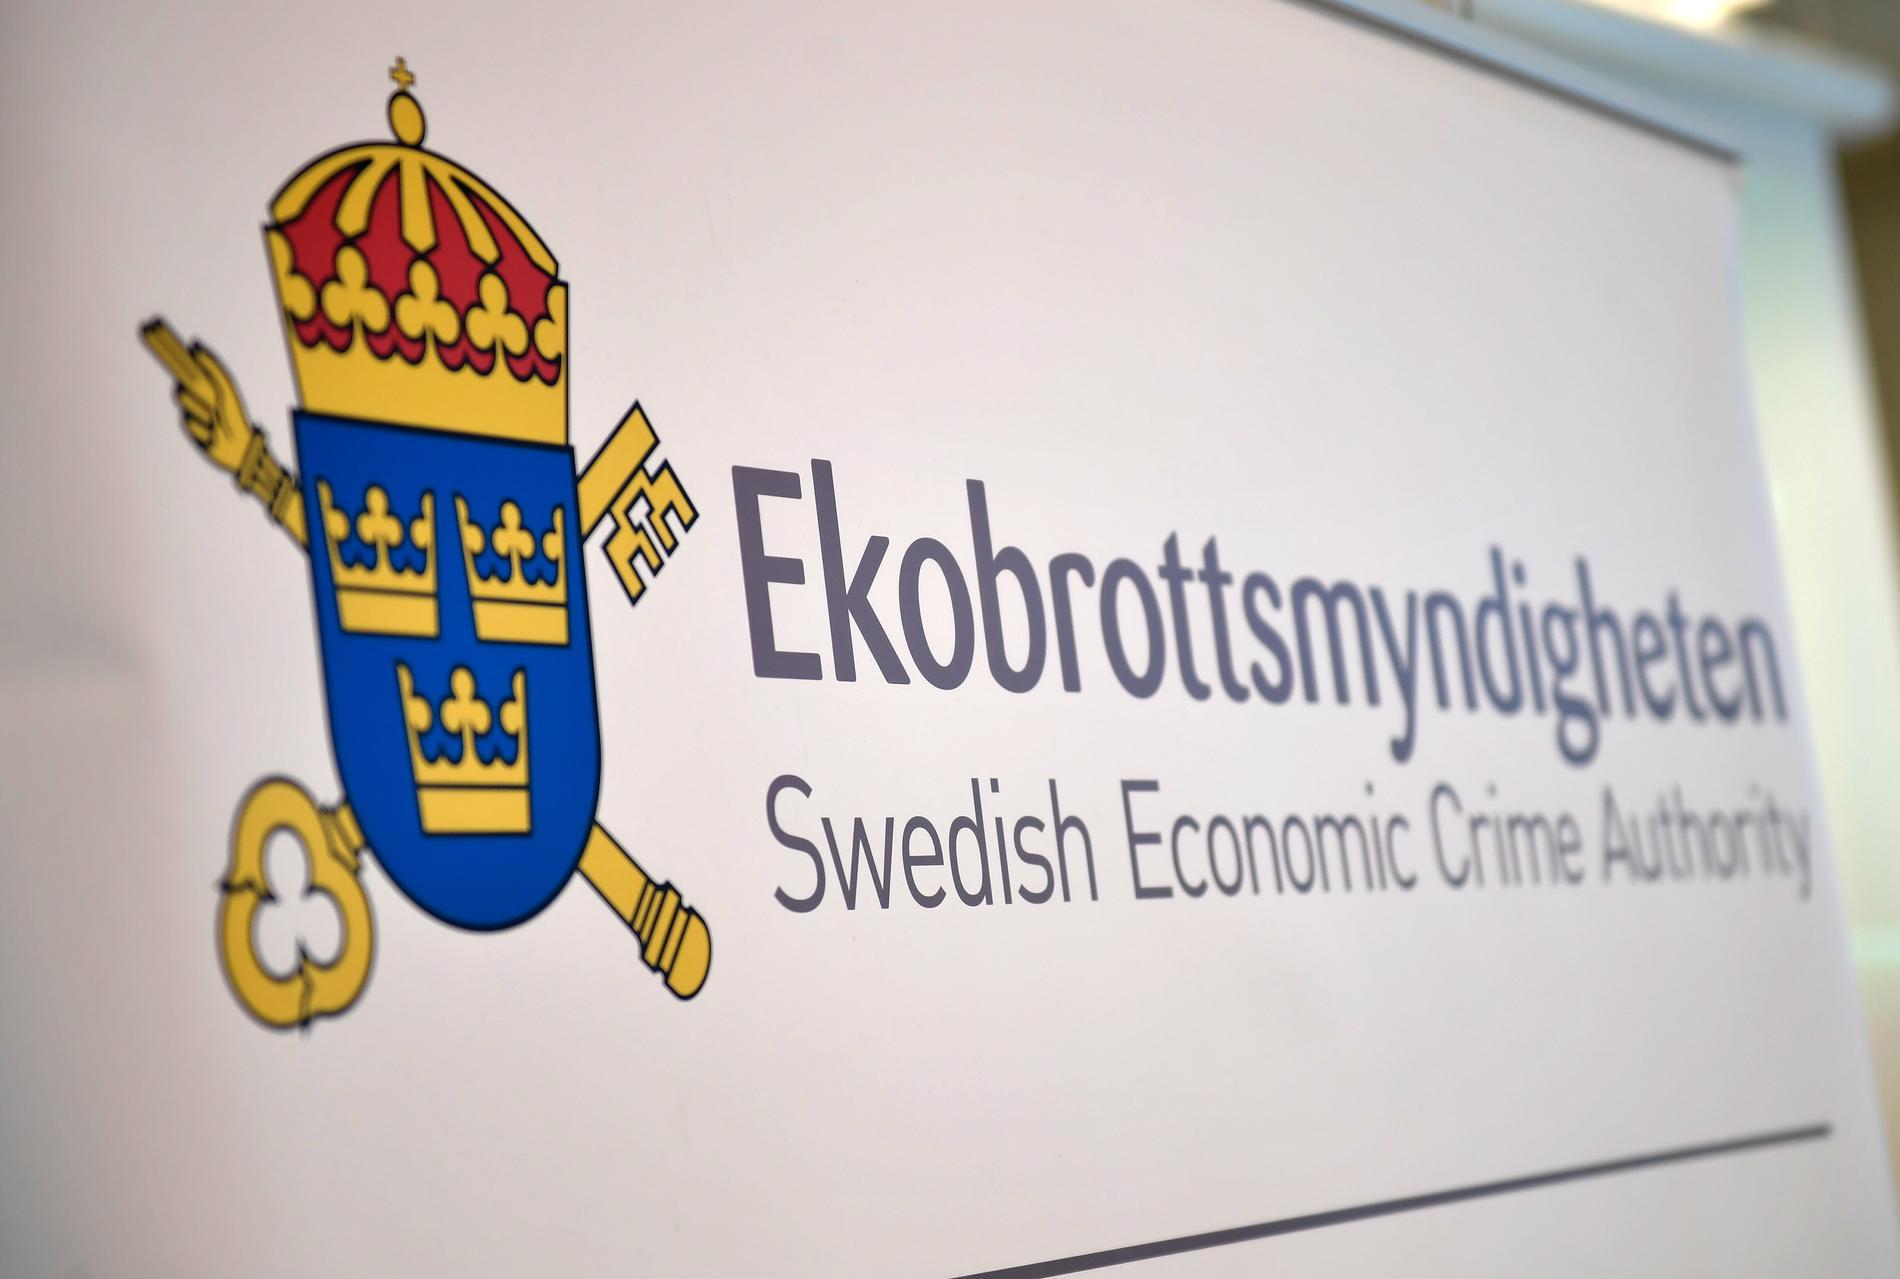 Totalt åtalas 14 personer i ärendet, som omfattar totalt 27 brottsmisstankar, enligt Ekobrottsmyndigheten. Arkivbild.